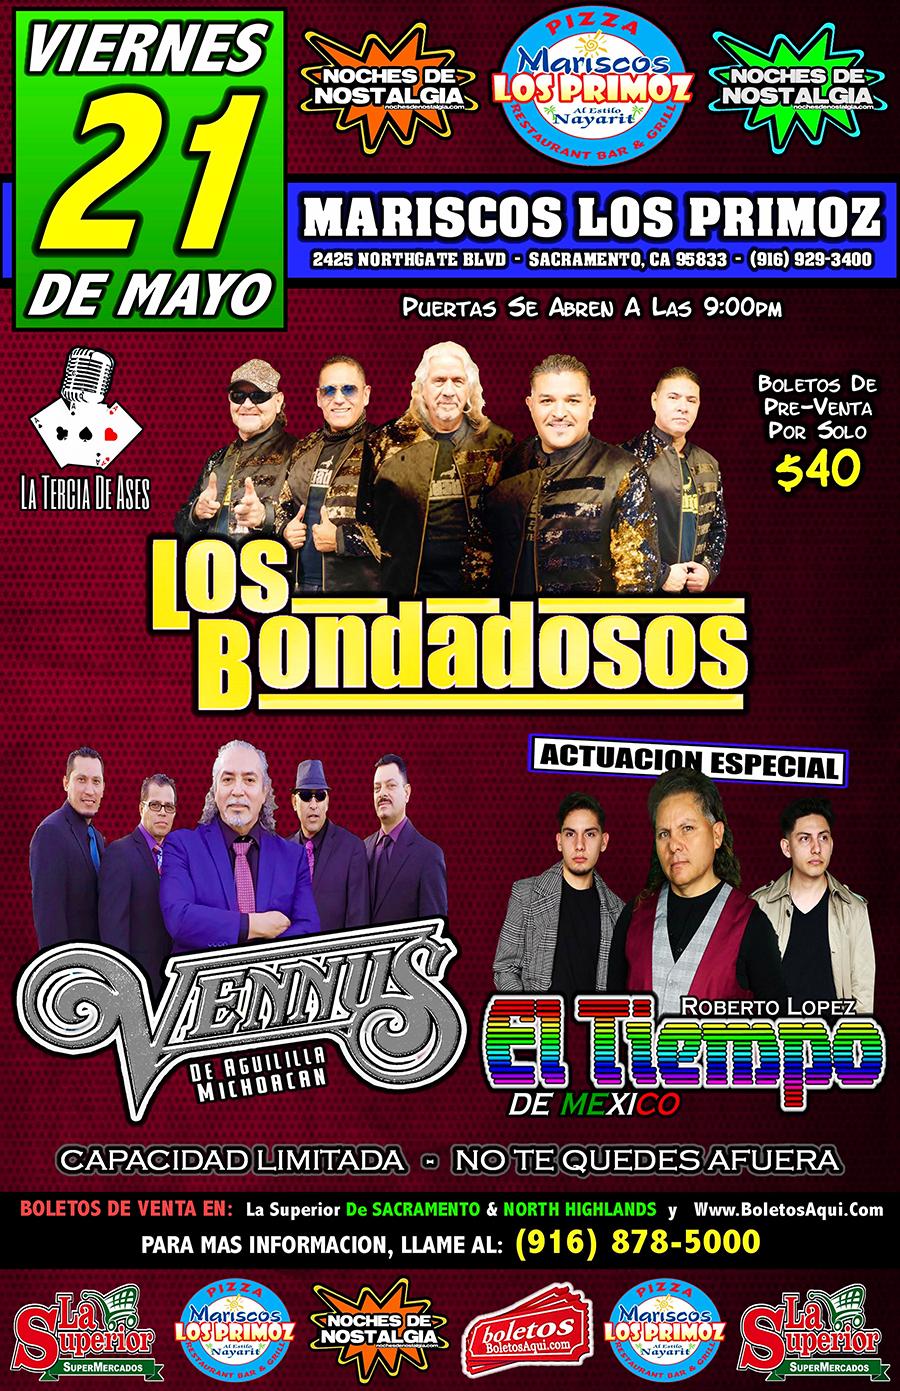 LOS BONDADOSOS GRUPO VENNUS ***Actuación Especial*** GRUPO EL TIEMPO – Mariscos Los Primoz – Sacramento, CA